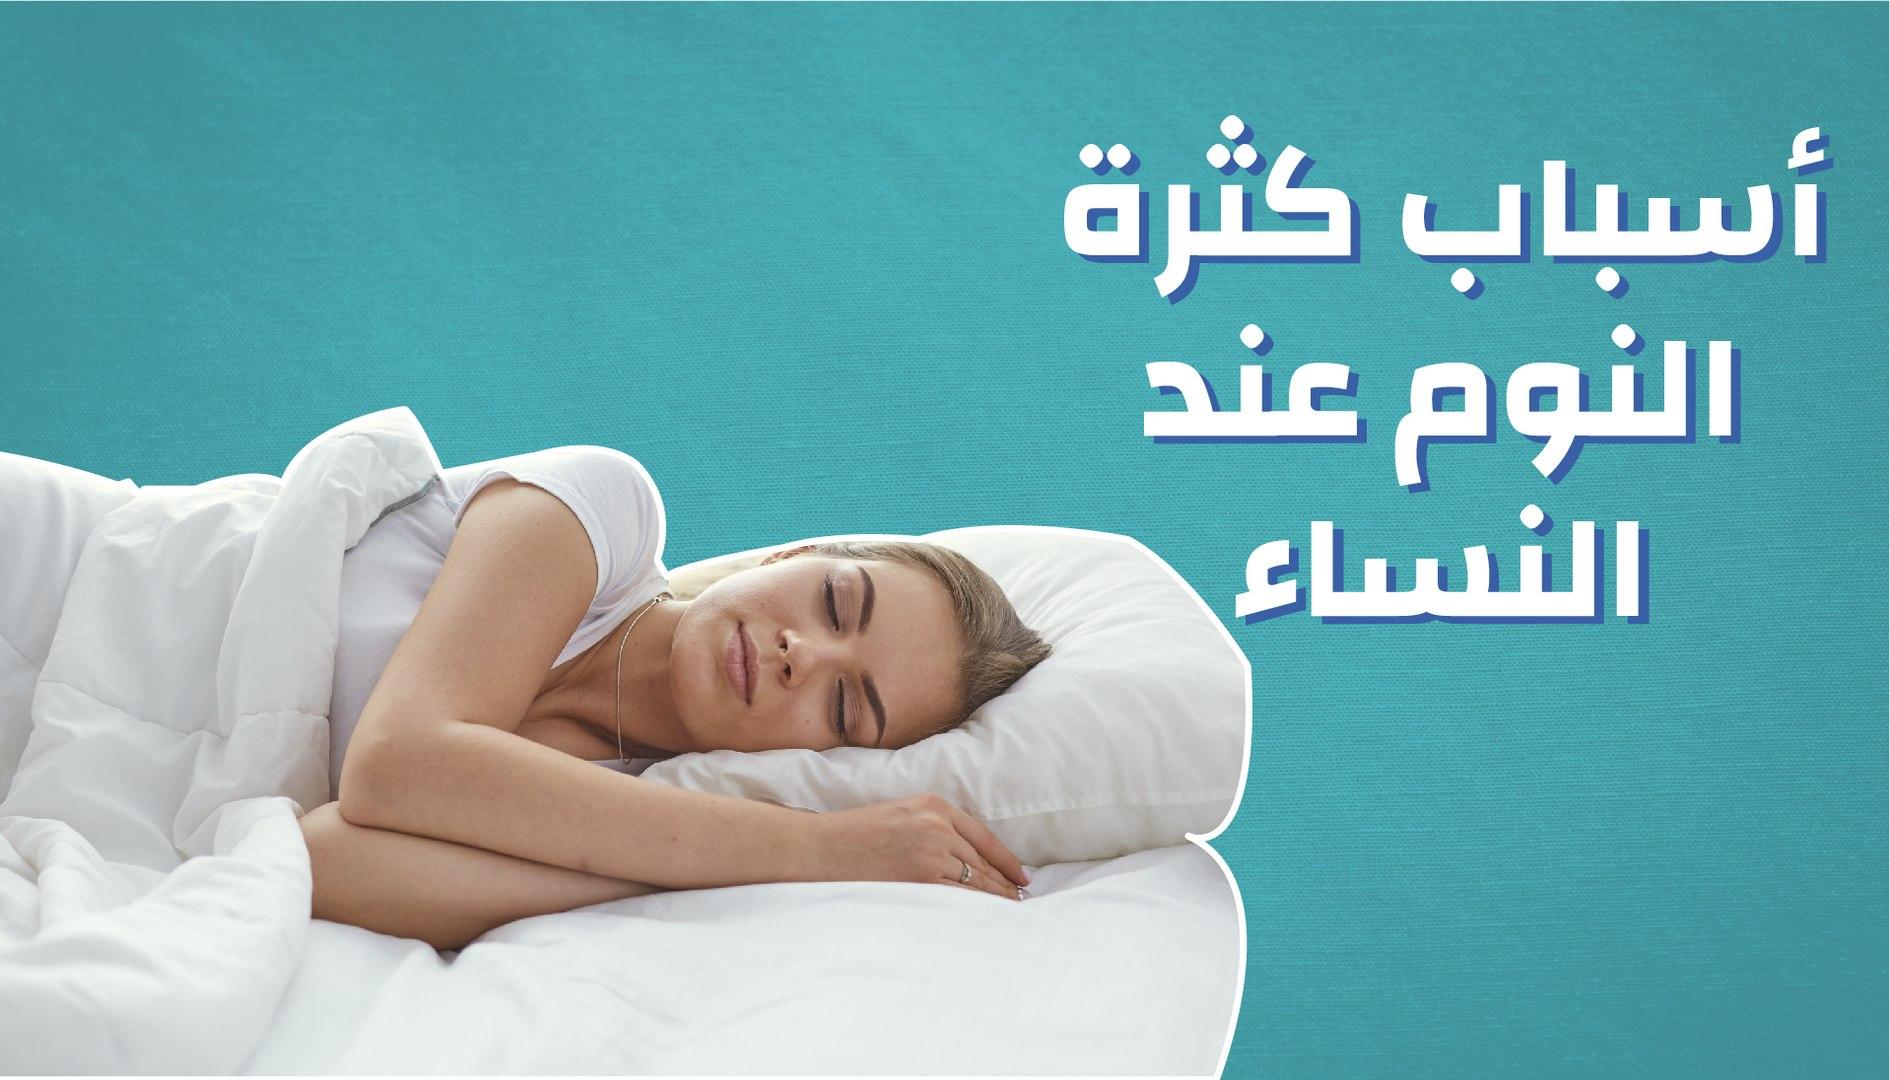 أسباب كثرة النوم عند النساء